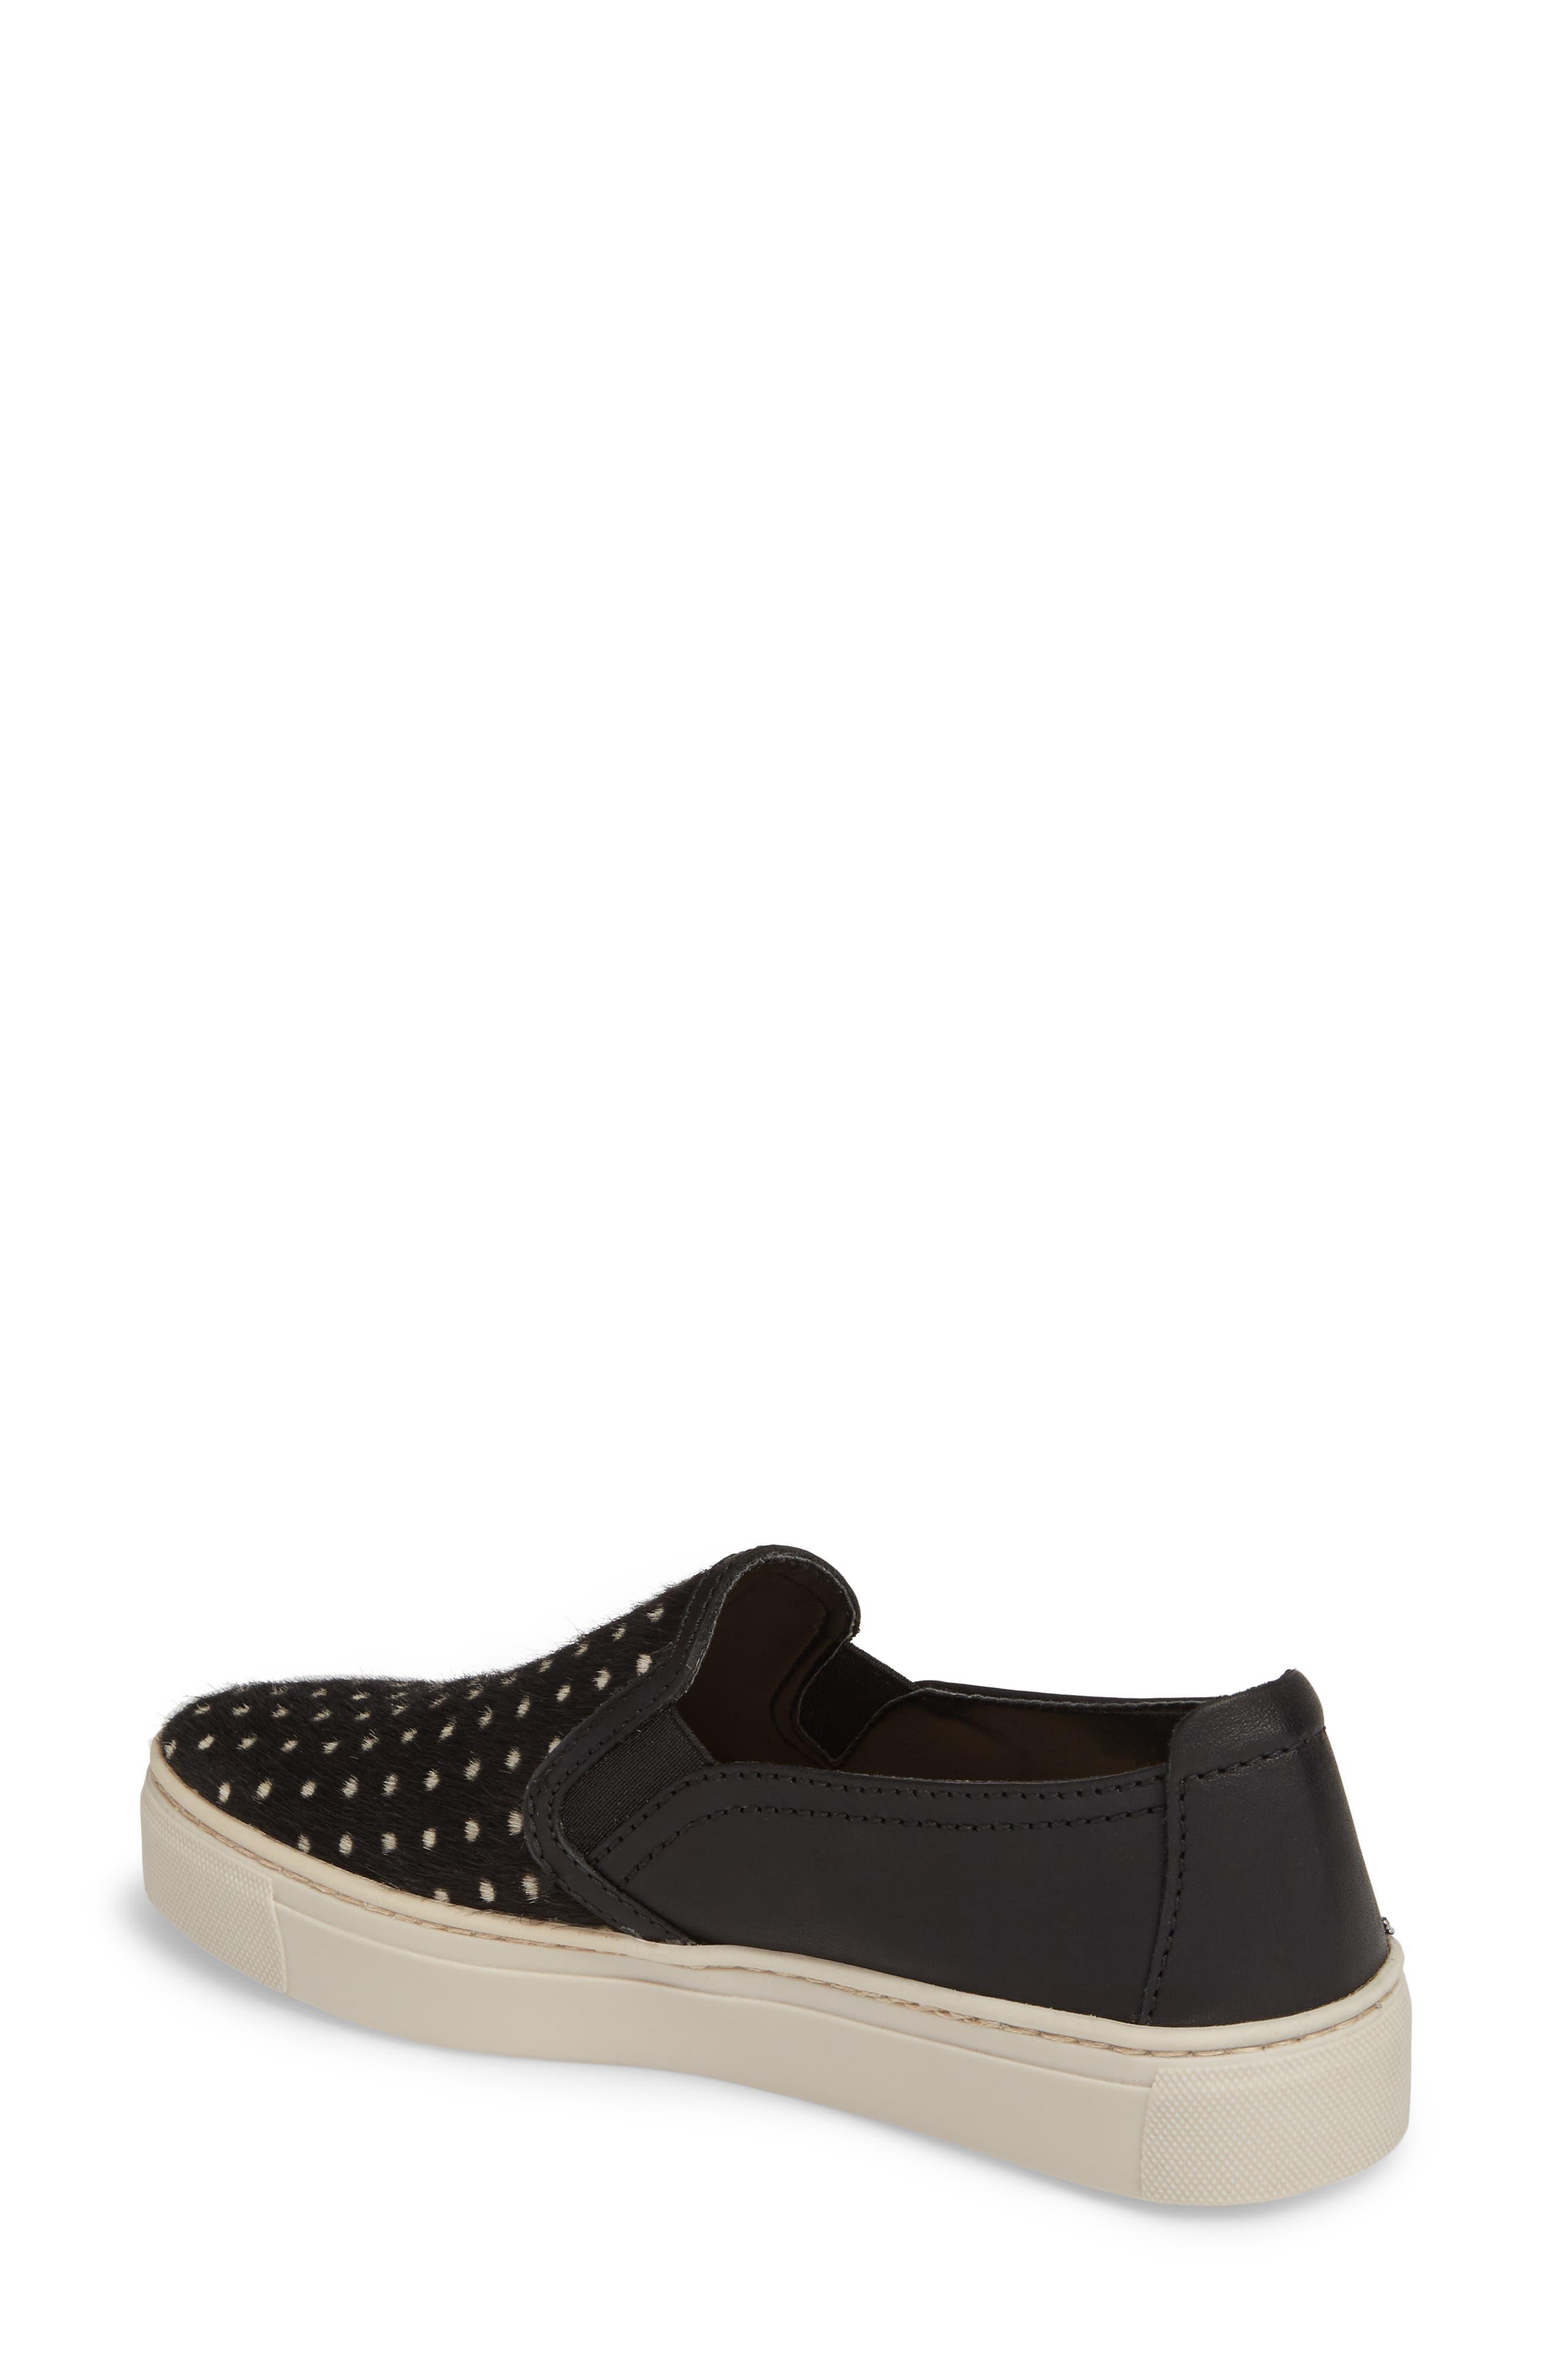 Sneak About Slip-On Sneaker,                             Alternate thumbnail 2, color,                             BLACK POLKA DOT LEATHER